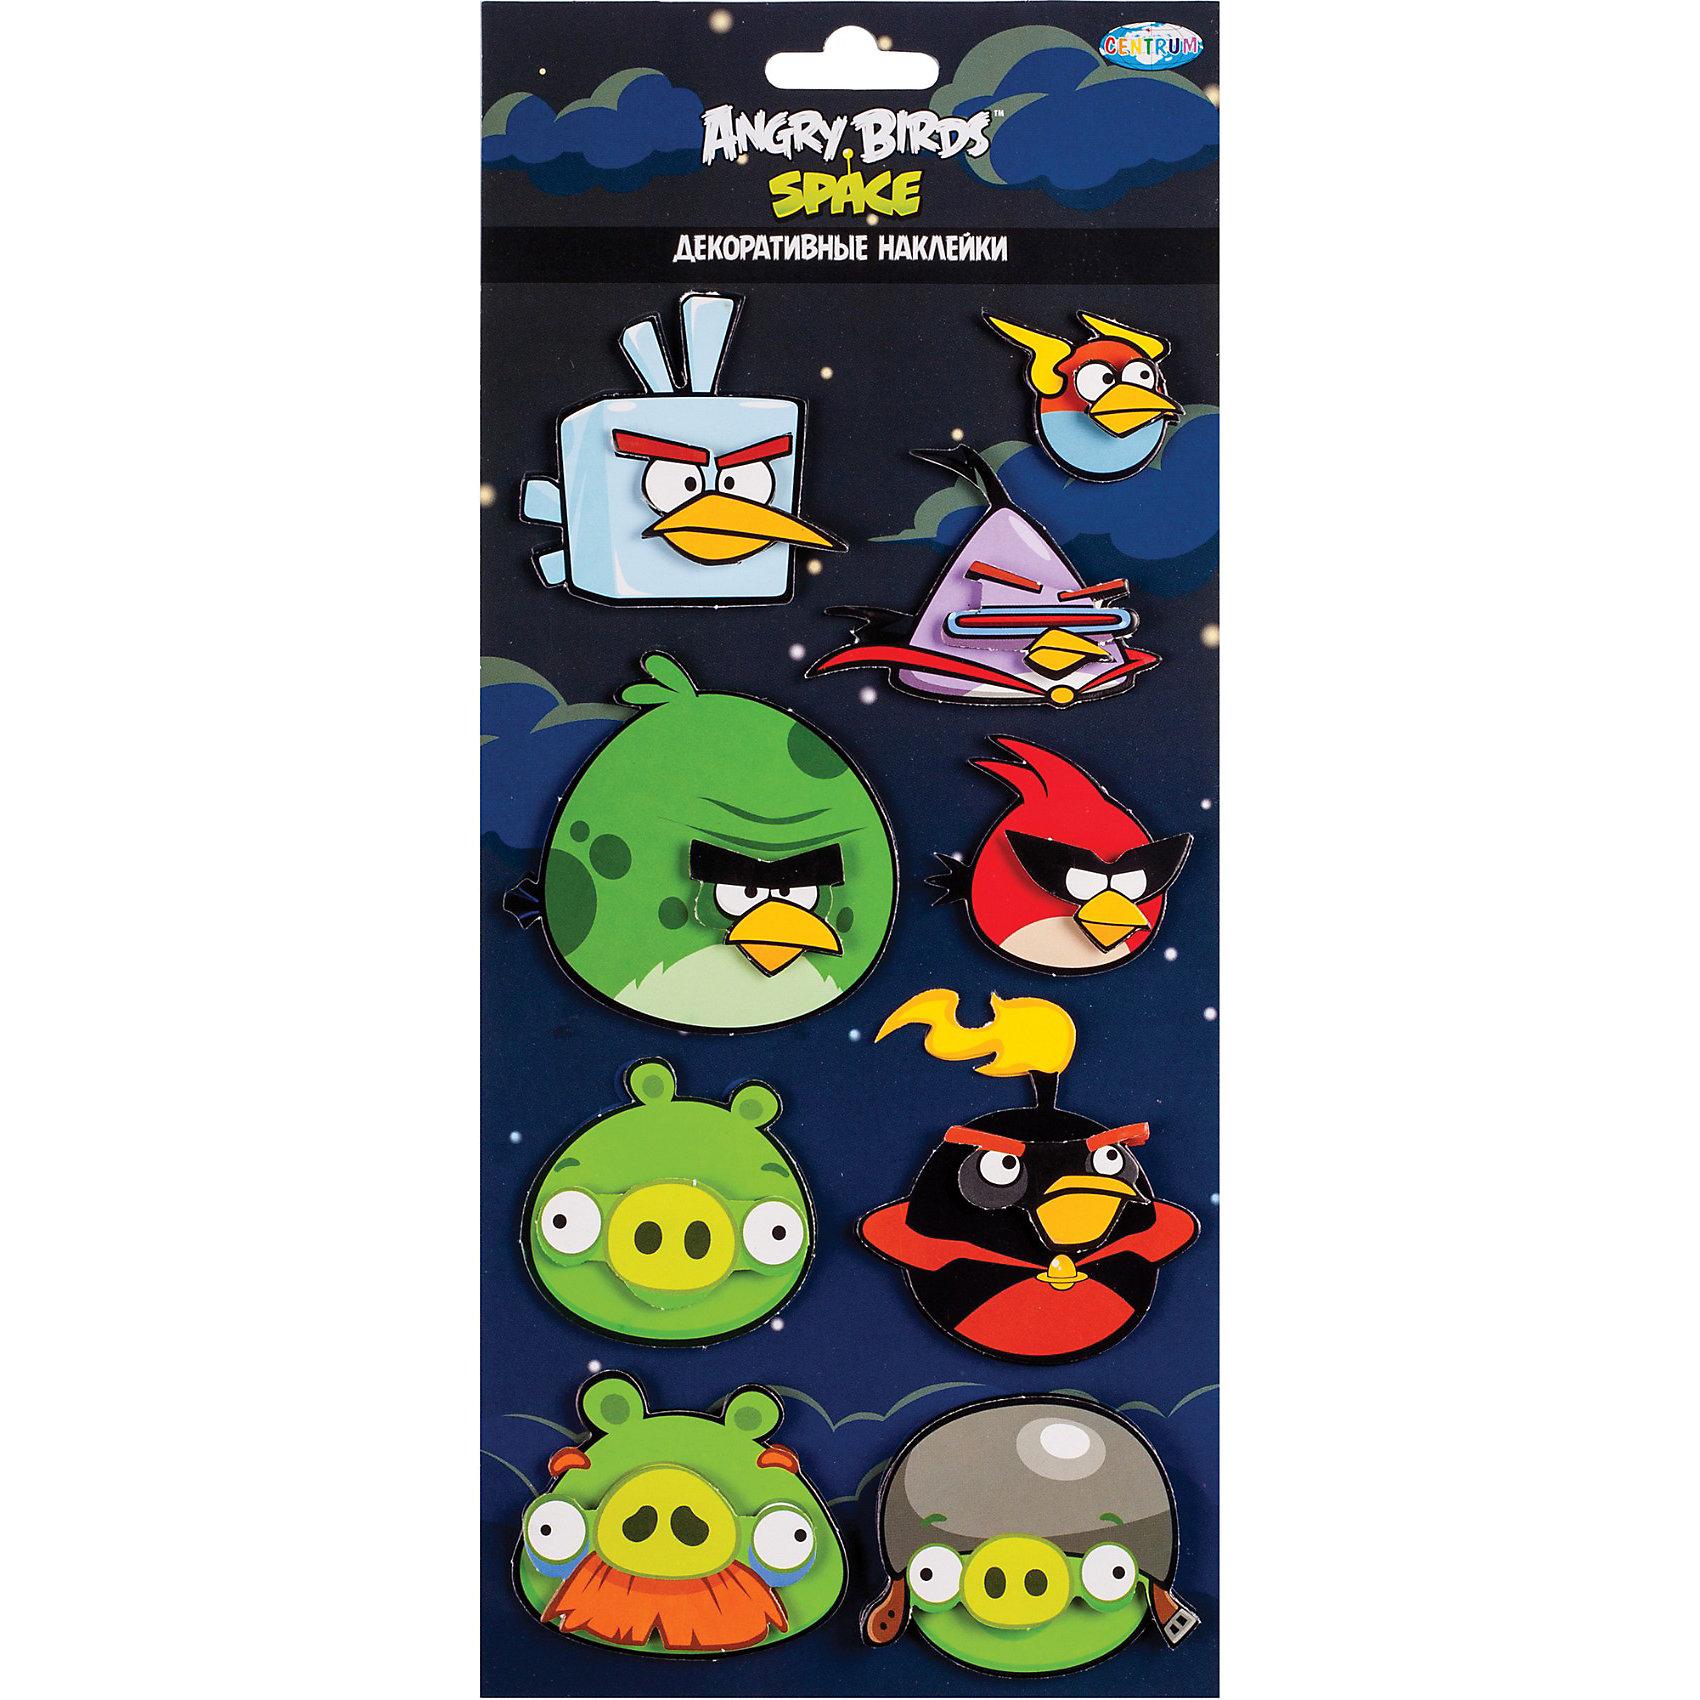 Наклейки  3D, Angry birds, CENTRUMНаклейки  3D, Angry birds, CENTRUM (Центрум) – прекрасный подарок для поклонников игры Аngry birds (Энгри Бердз).<br>Декоративные наклейки от Angry birds можно наклеивать на компьютерный стол, пенал, рюкзак, холодильник, шкаф. Это возможно благодаря уникальному клеевому покрытию, над созданием которого трудились специалисты. Так здорово, что теперь можно разместить изображение любимого персонажа в любом месте квартиры или дома!<br><br>Дополнительная информация:<br><br>-Размер упаковки: 14х34 см.<br><br>Наклейки  3D, Angry bird (Злые Птички) - порадуют Вашего малыша изображением любимых сердитыхптичек!<br><br>Наклейки  3D, Angry birds, CENTRUM (Центрум) можно купить в нашем интернет-магазине.<br><br>Ширина мм: 145<br>Глубина мм: 320<br>Высота мм: 5<br>Вес г: 27<br>Возраст от месяцев: 36<br>Возраст до месяцев: 144<br>Пол: Унисекс<br>Возраст: Детский<br>SKU: 3540460